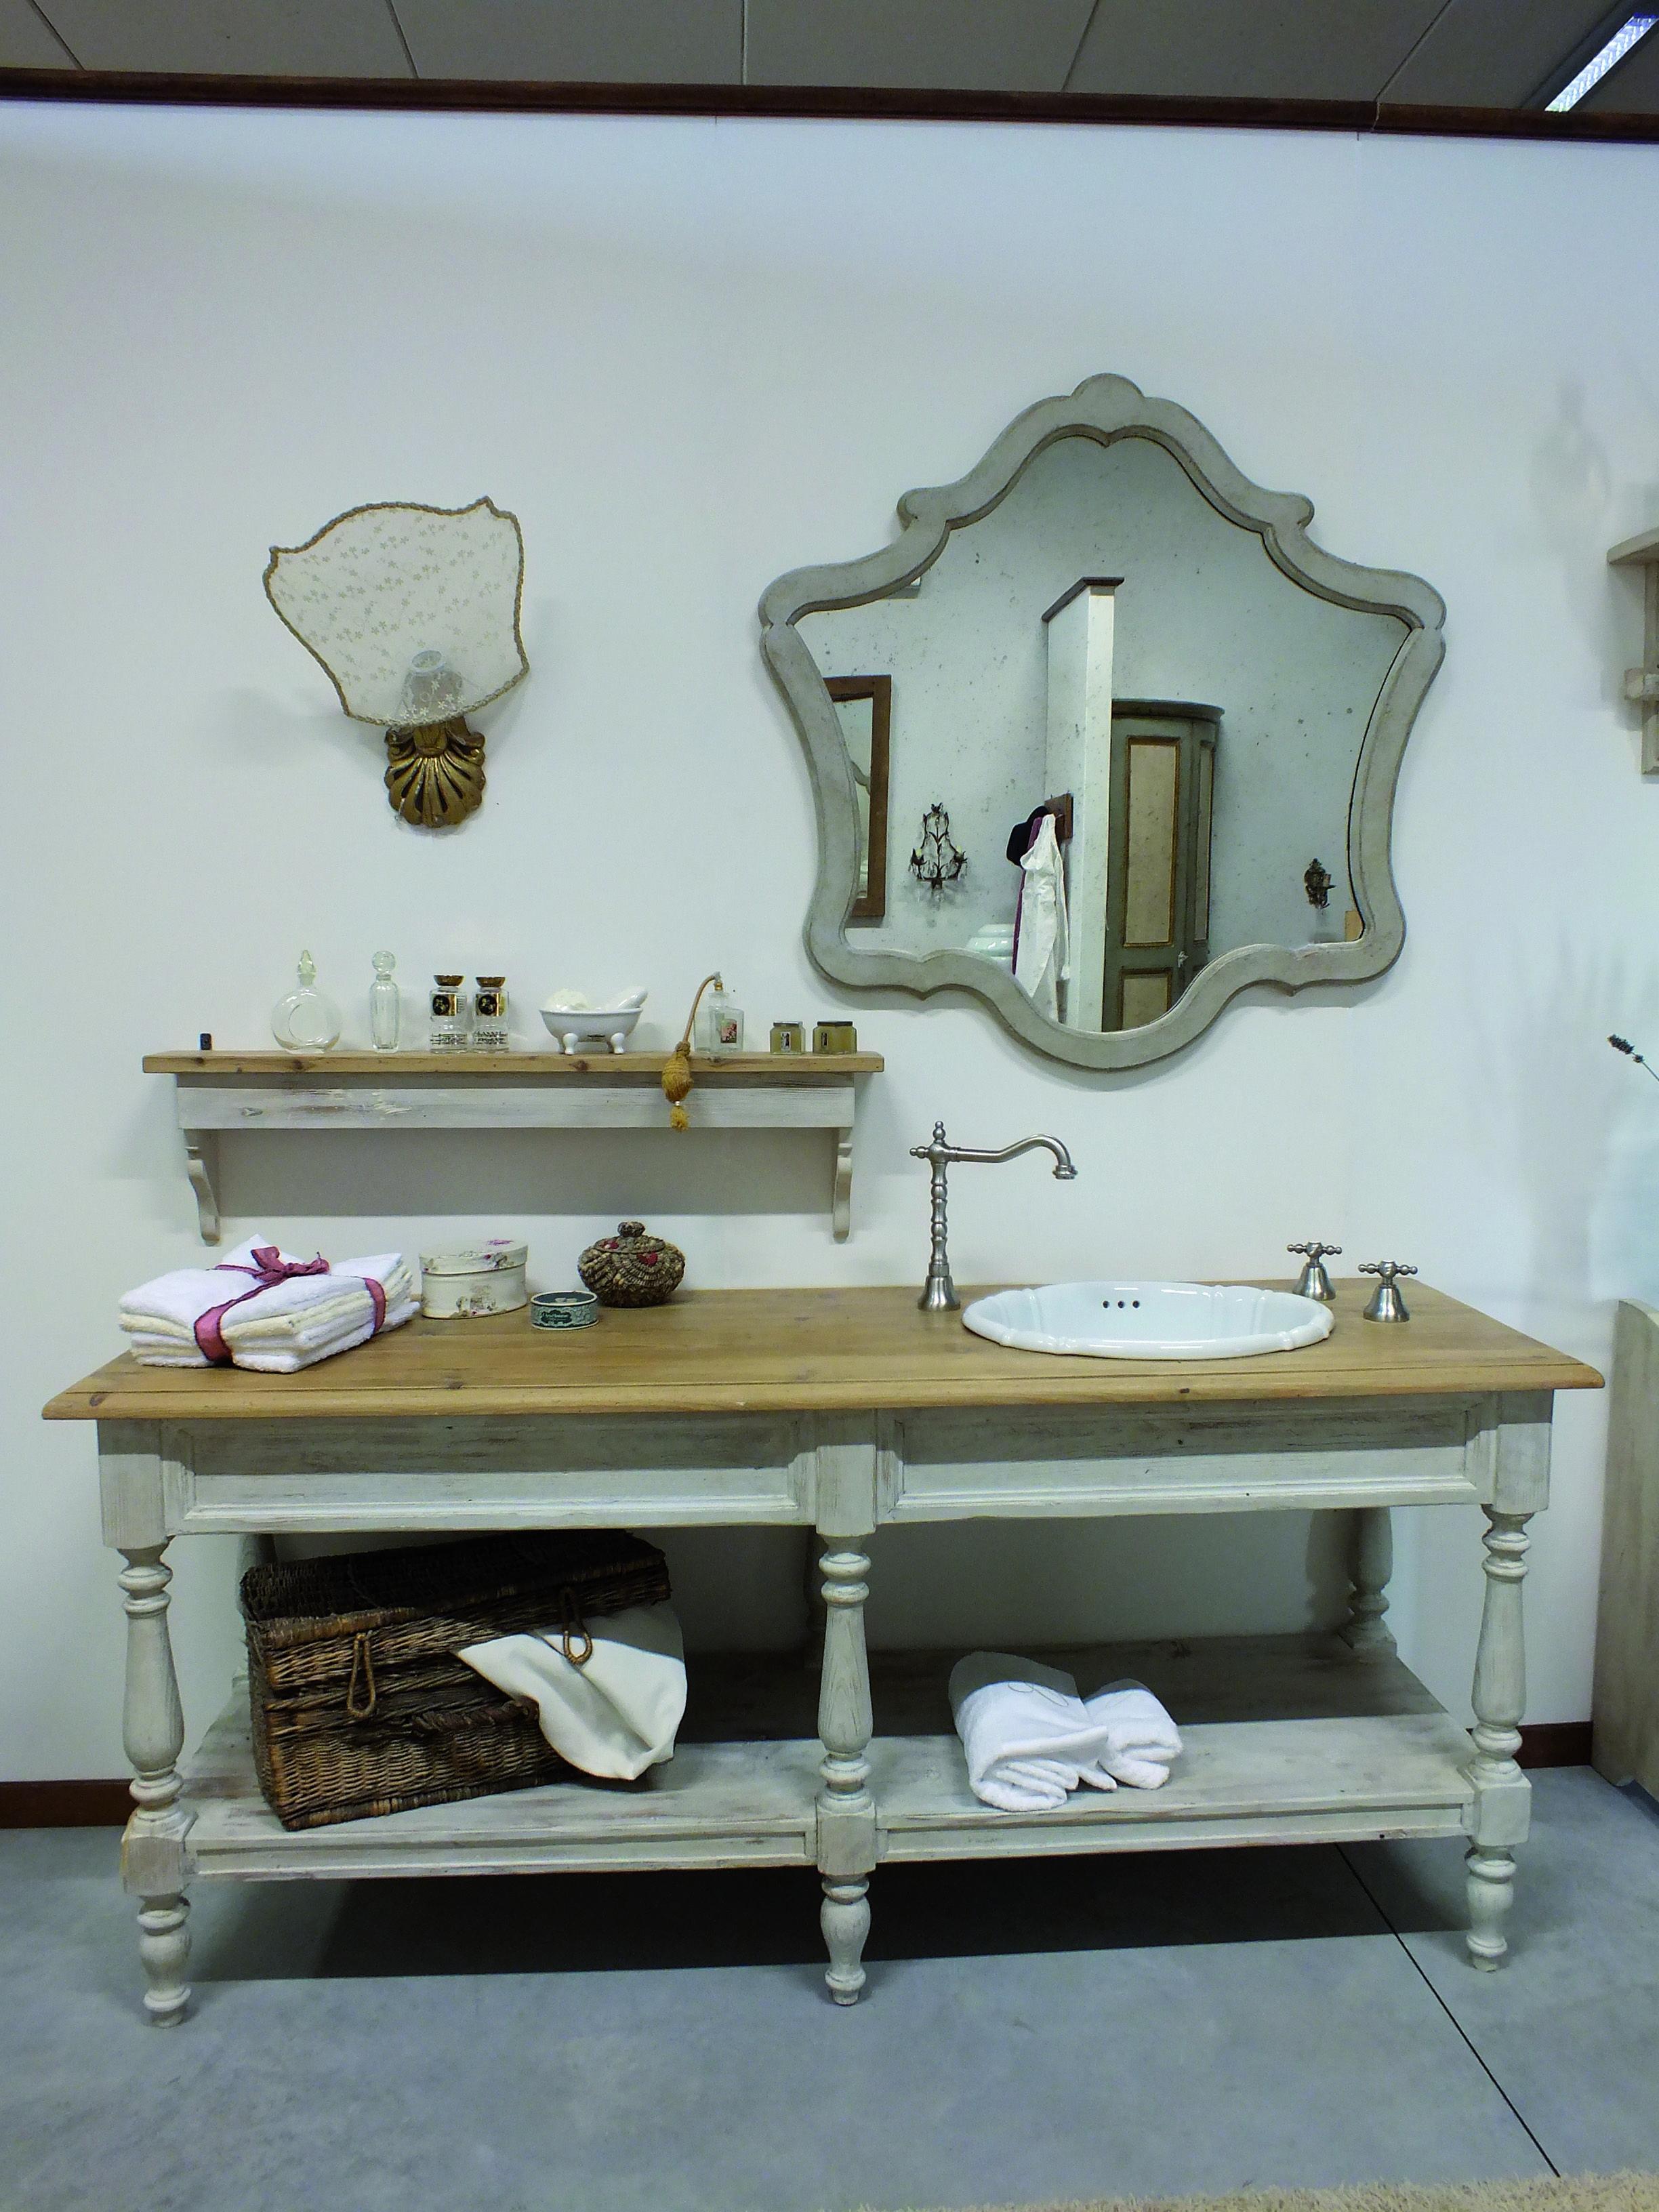 meuble lavande en vieux pin de premià re patine avec lavabo en